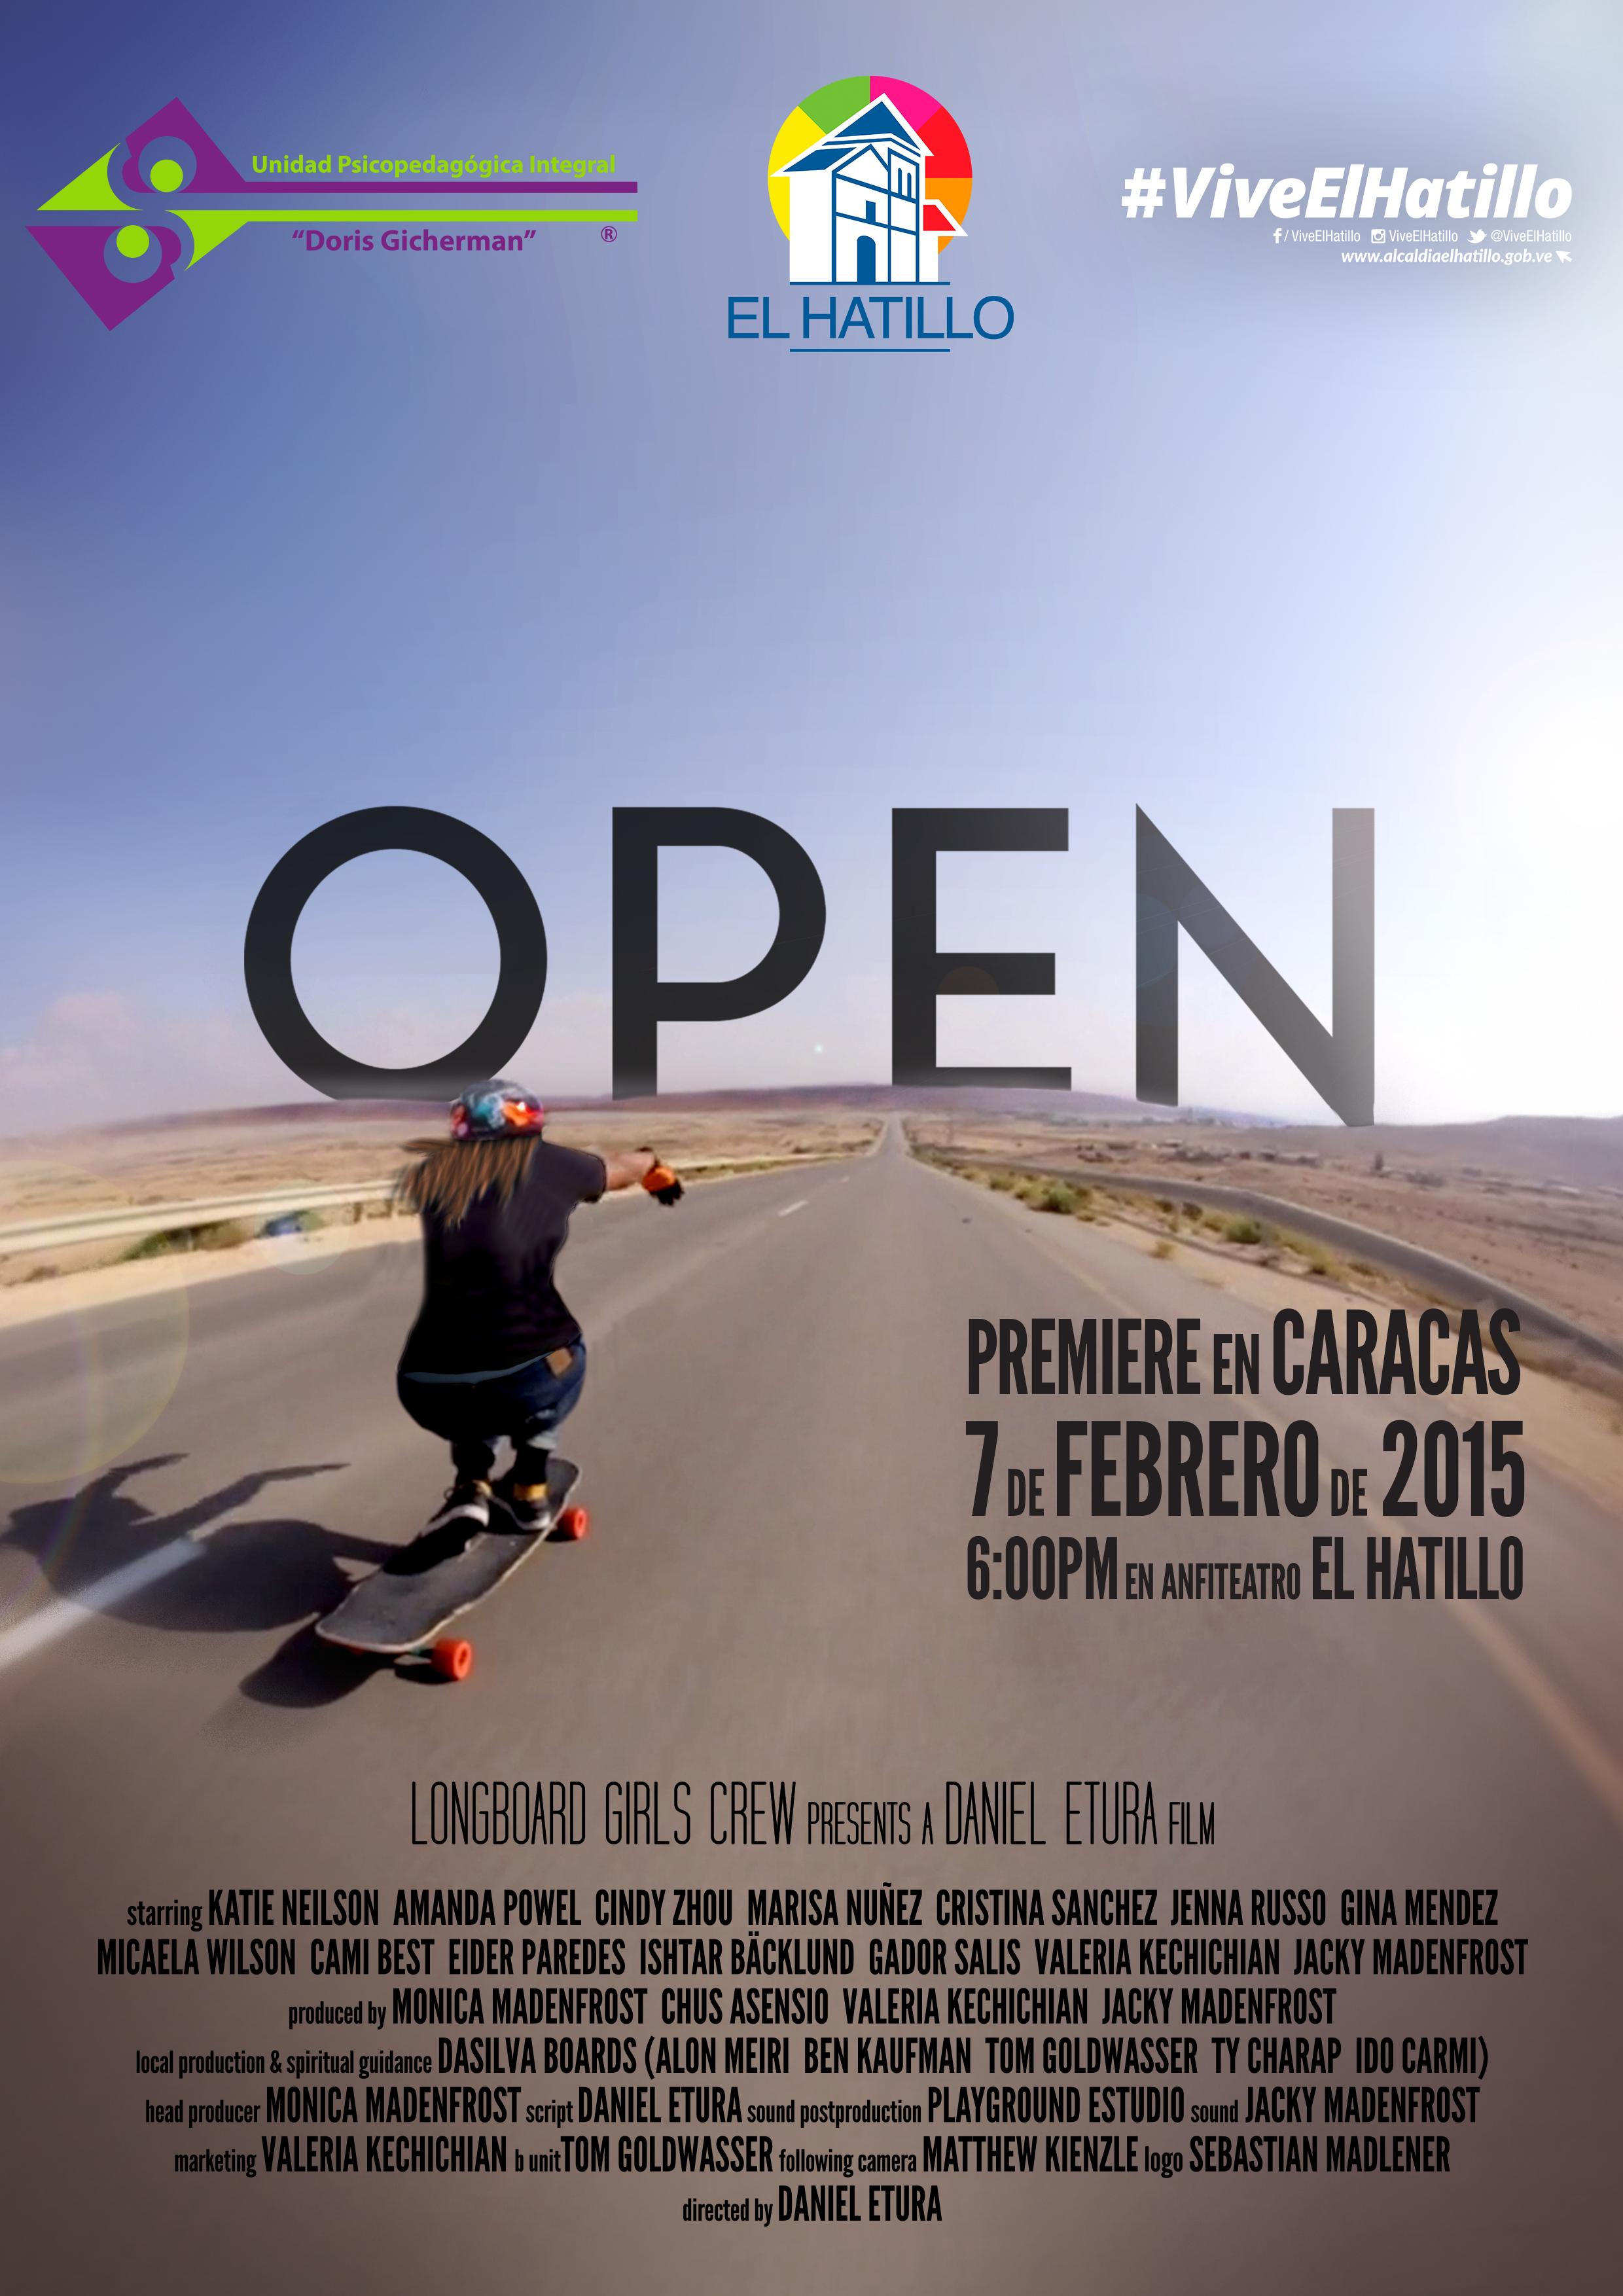 Open premiere en Caracas, longboard girls crew, longboarding